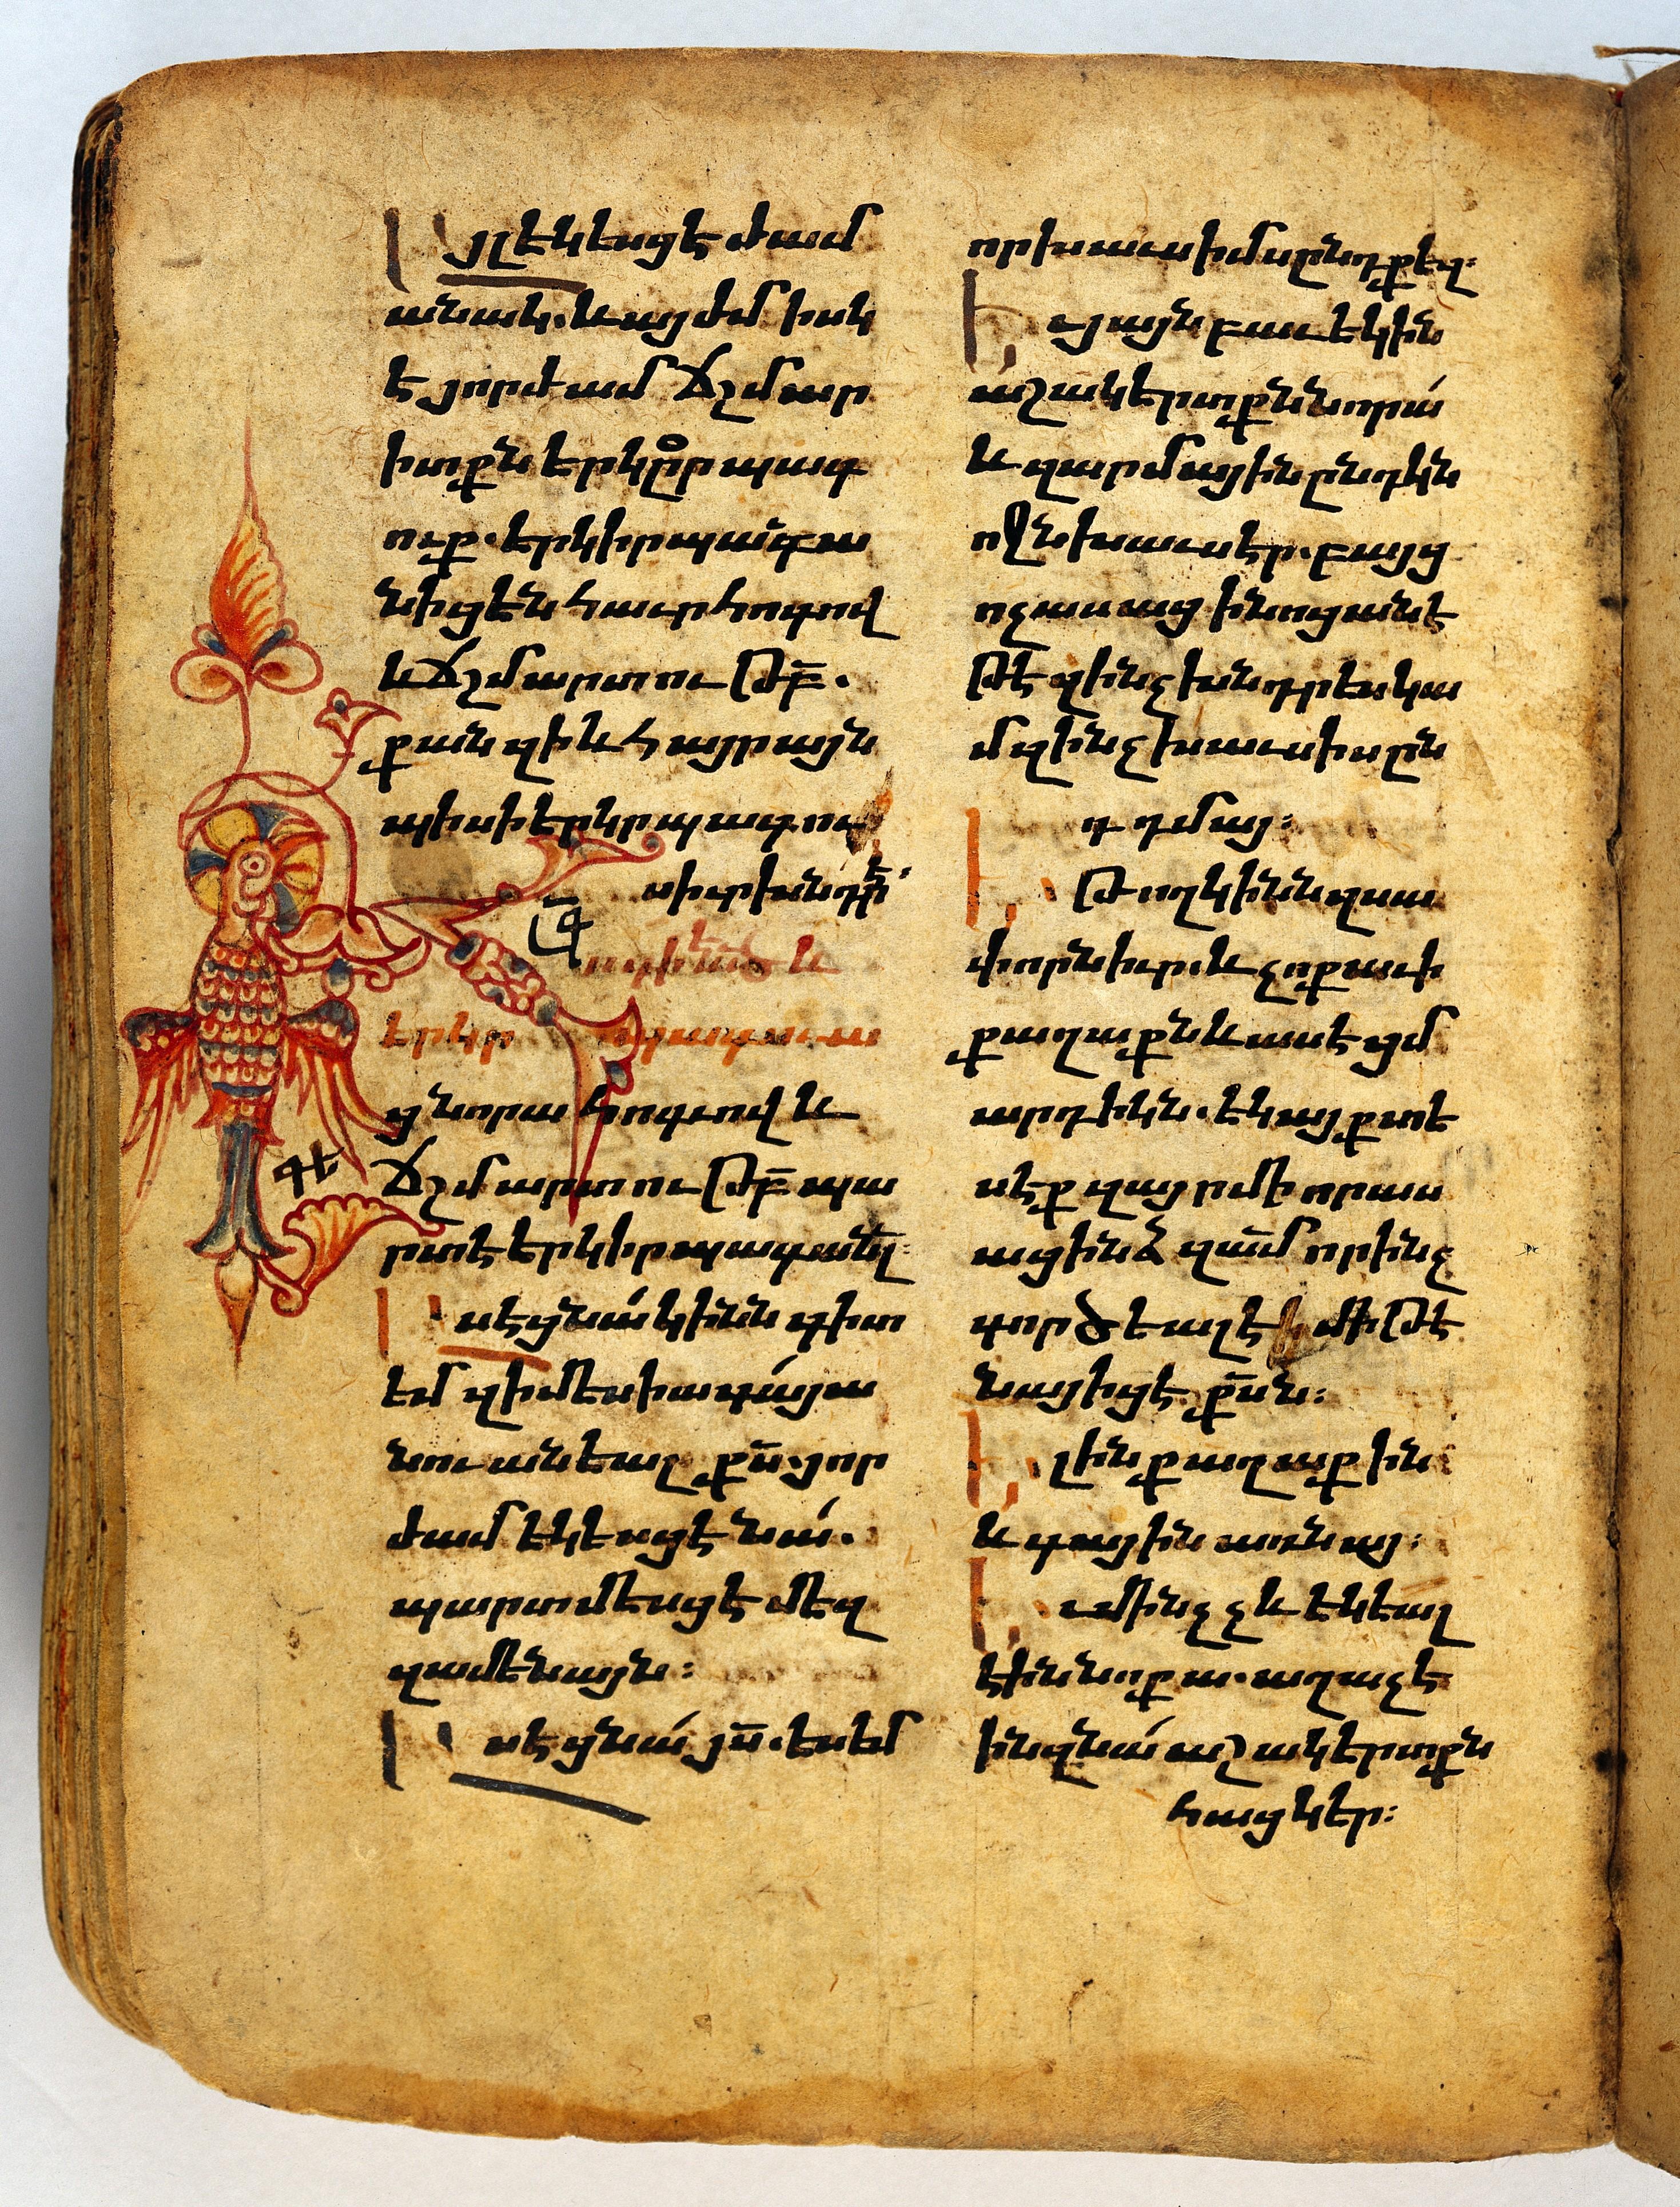 File:The Four Gospels, 1495, Gospel of St John 4; 24-32, showing ...